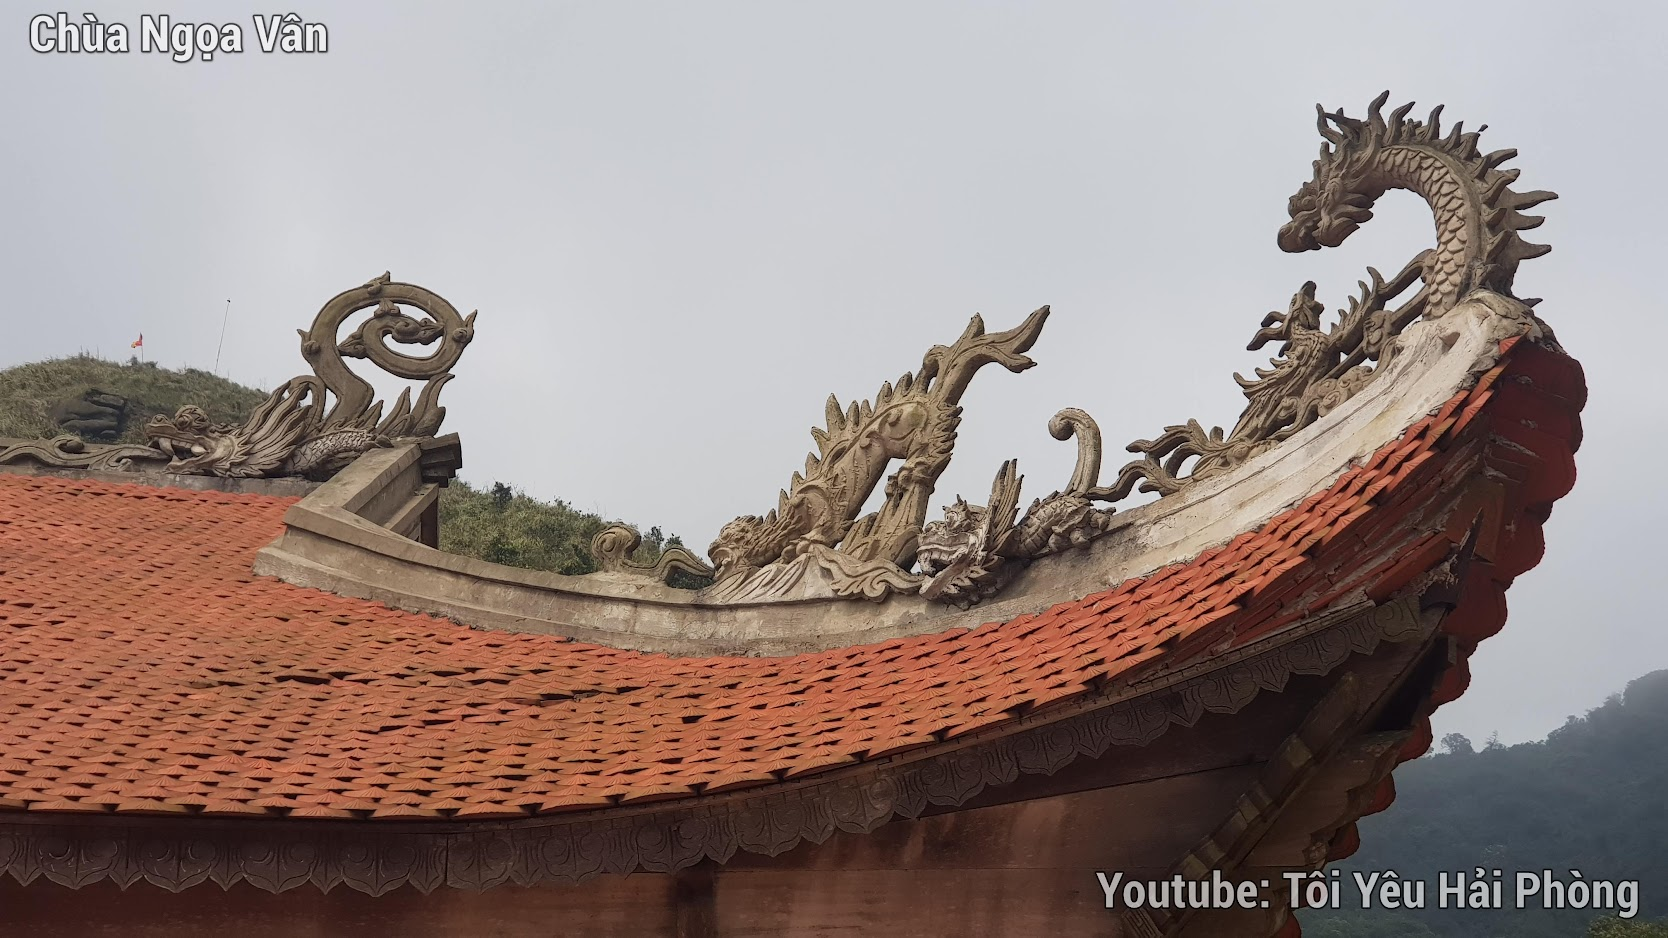 Khám phá Chùa Ngọa Vân (Quảng Ninh) Miền đất Phật 8